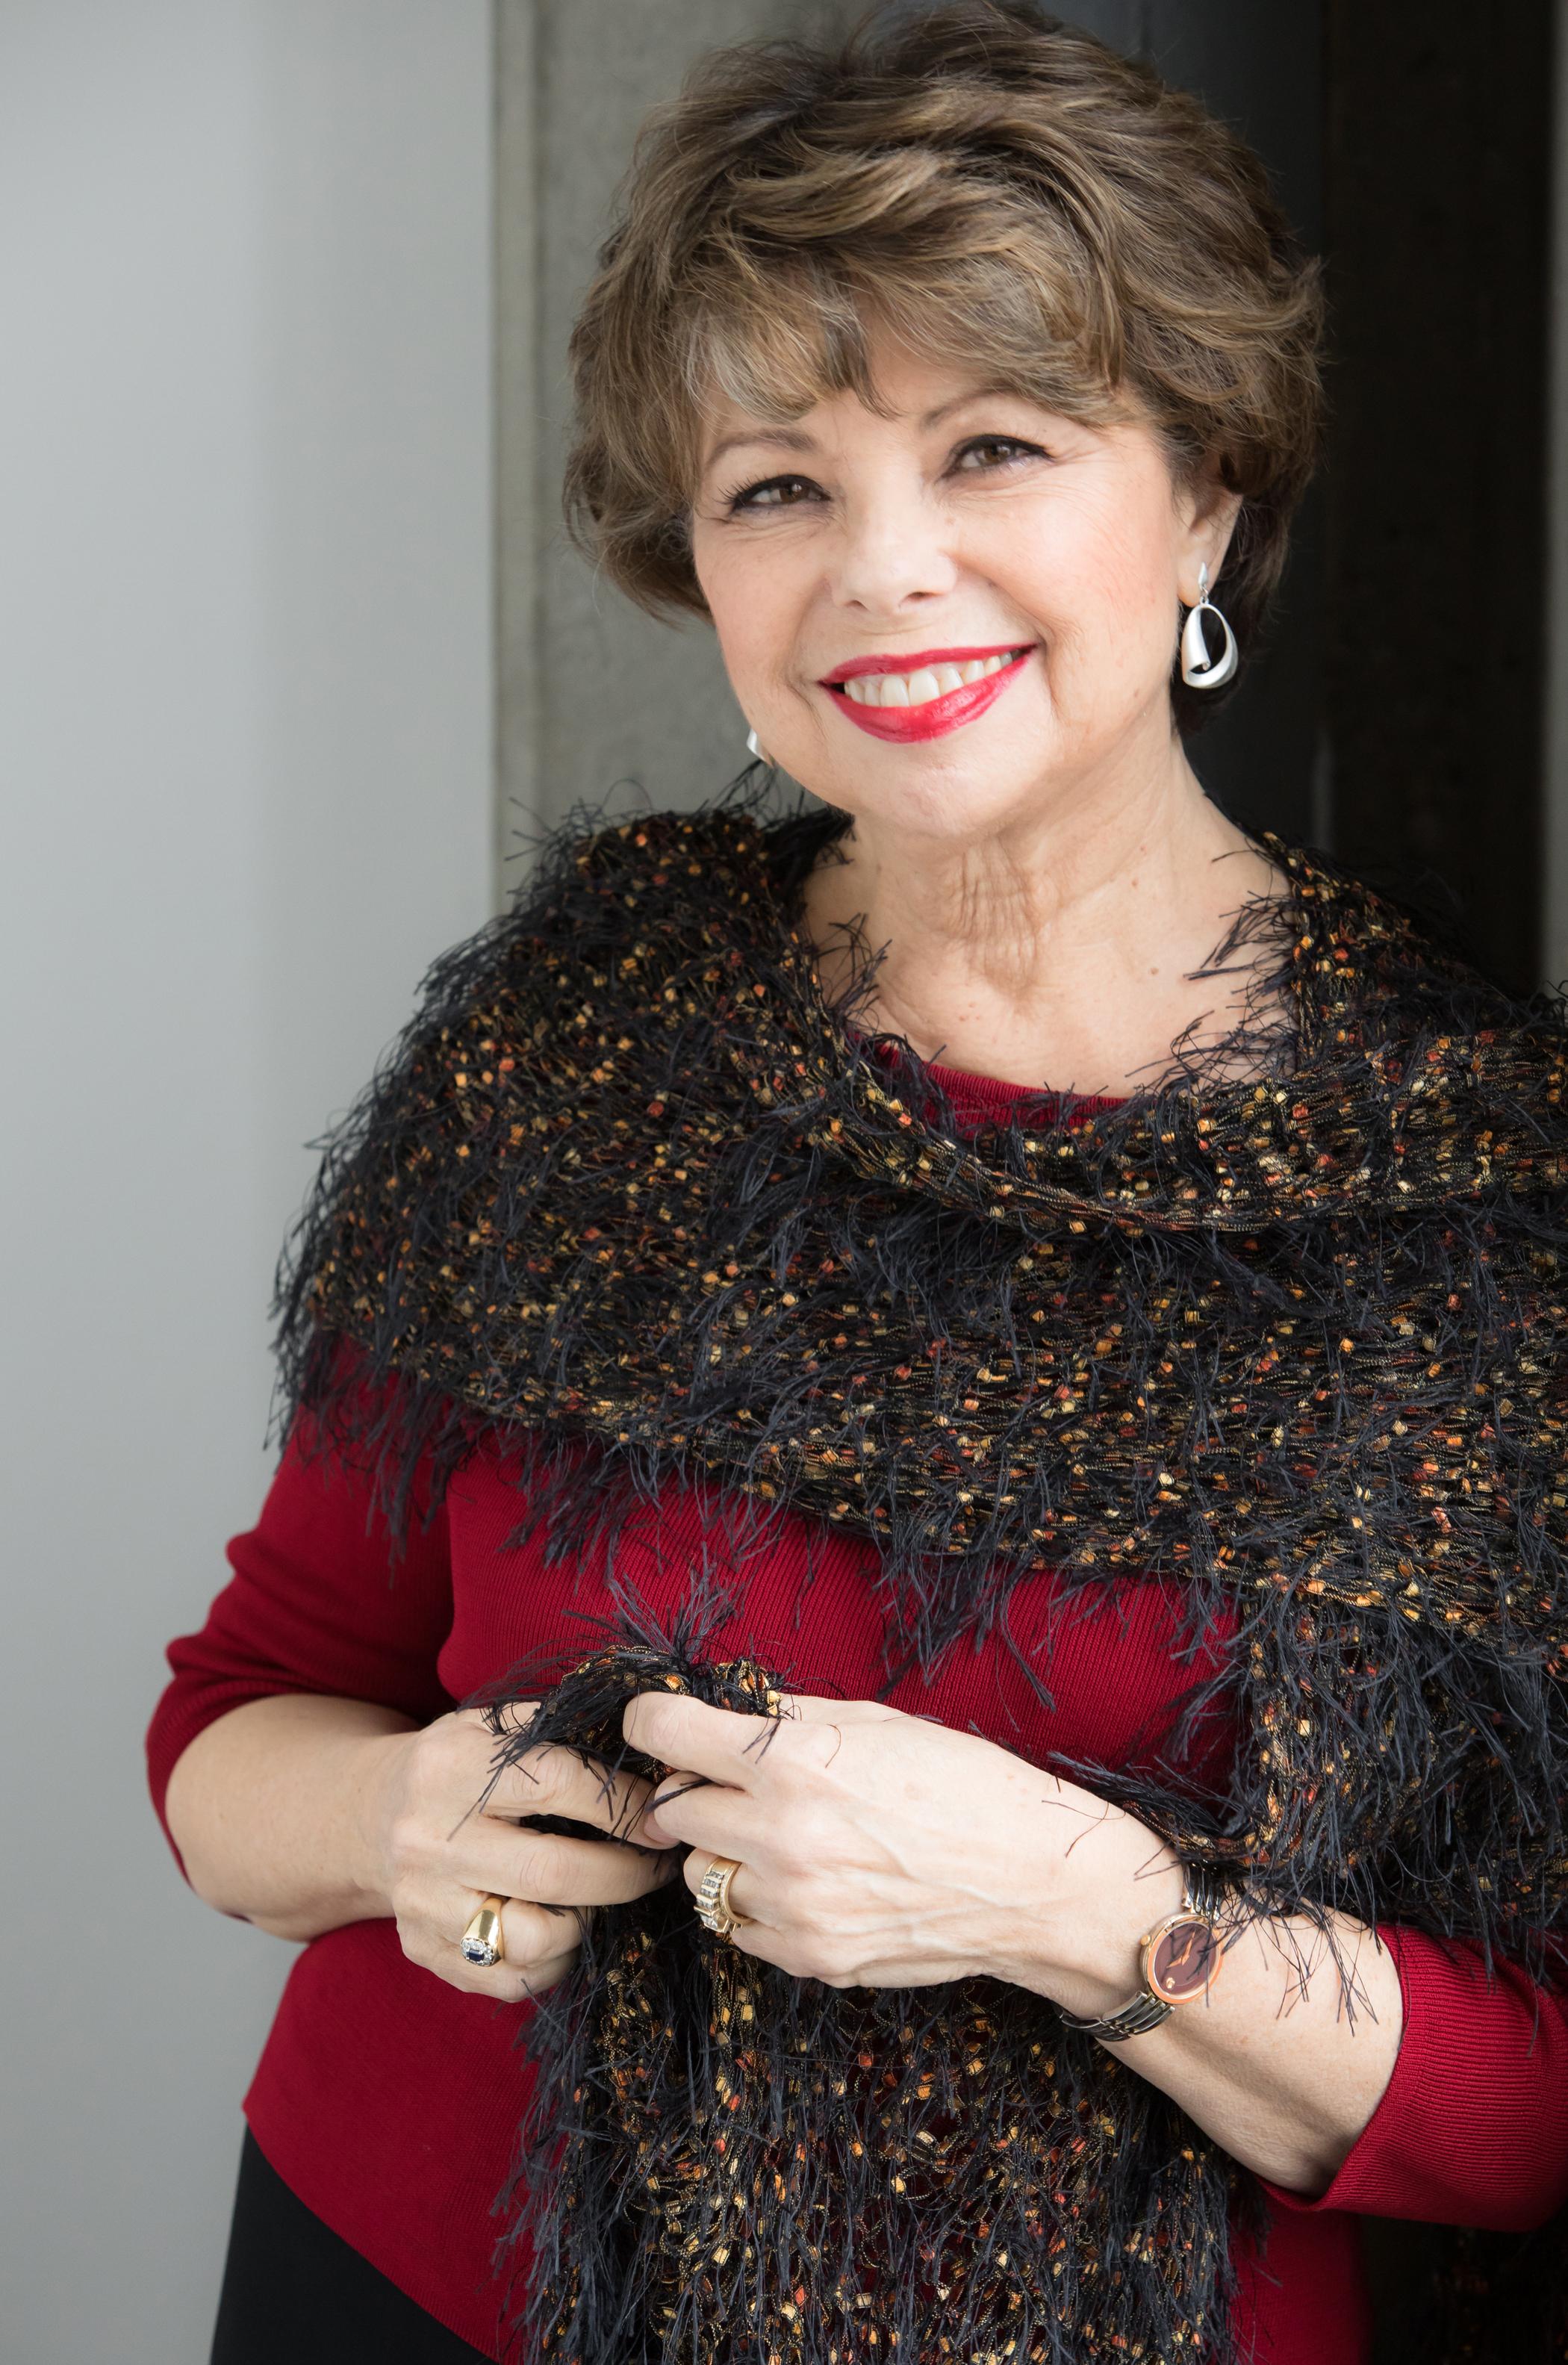 Anne Marie Ketchum